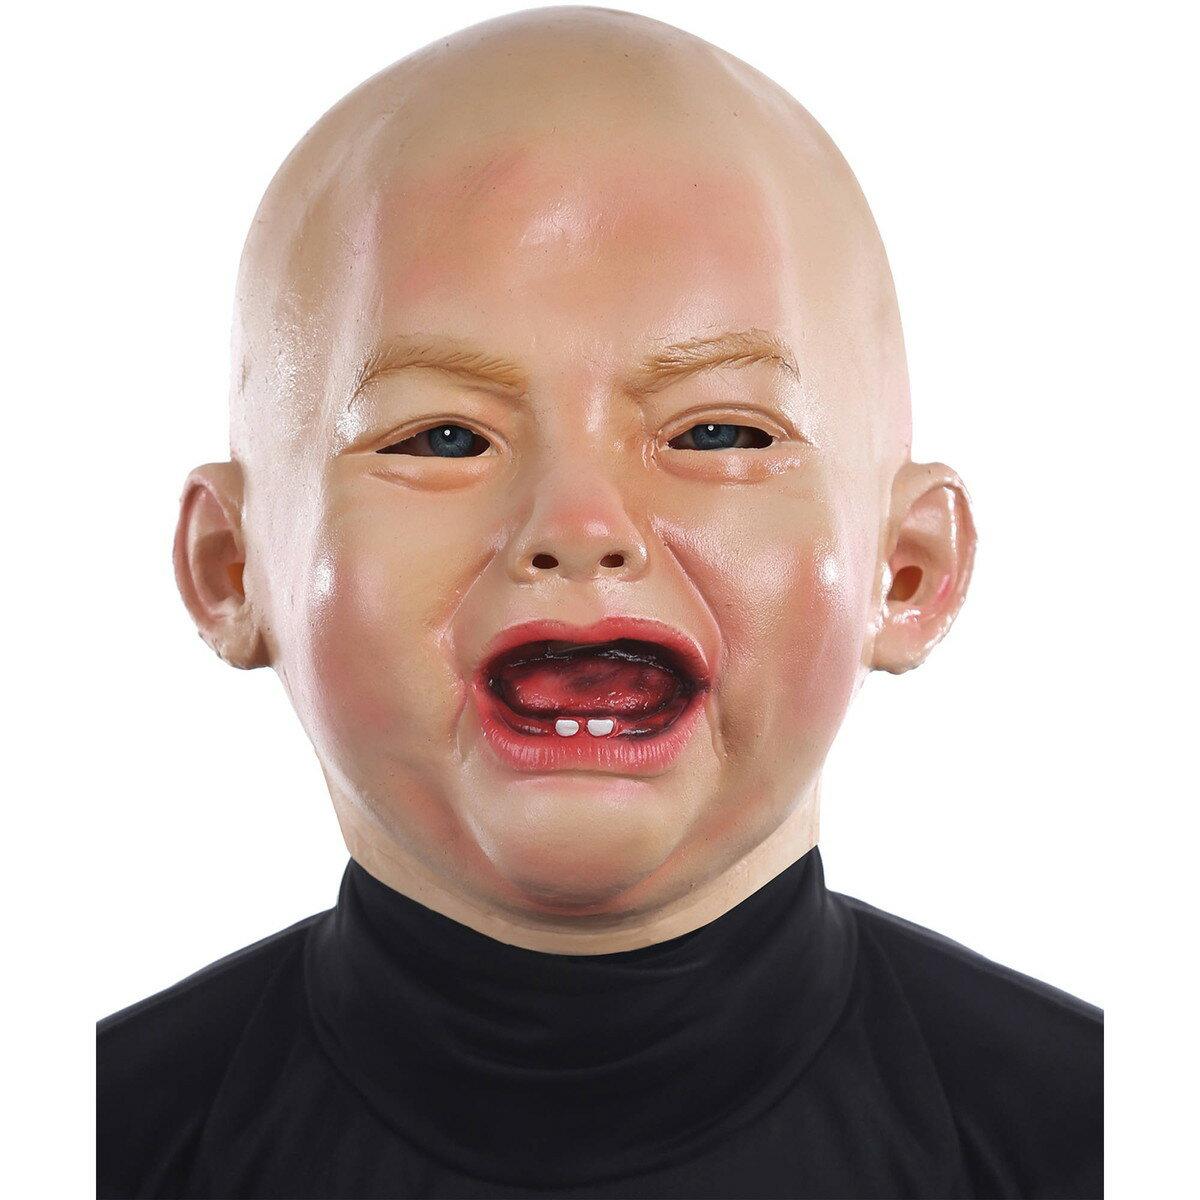 リアル赤ちゃん 泣き顔マスク 大人用 ベビーマスク 変装 コスプレ ハロウィン 仮装 おもしろ グッズ あす楽